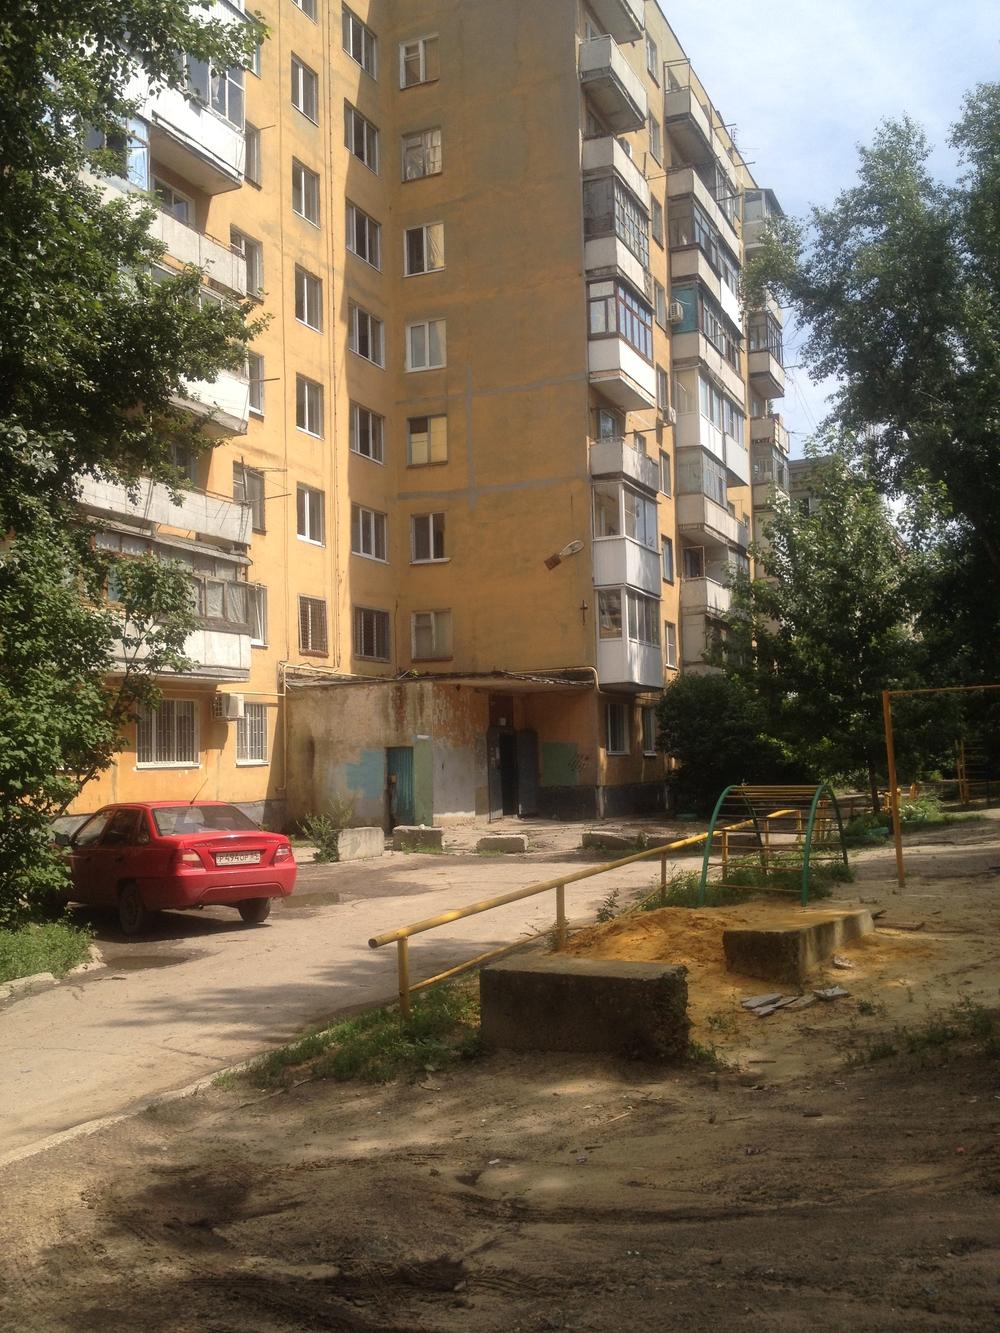 Саратовская область, Саратов, Молодежный проезд, 3 9